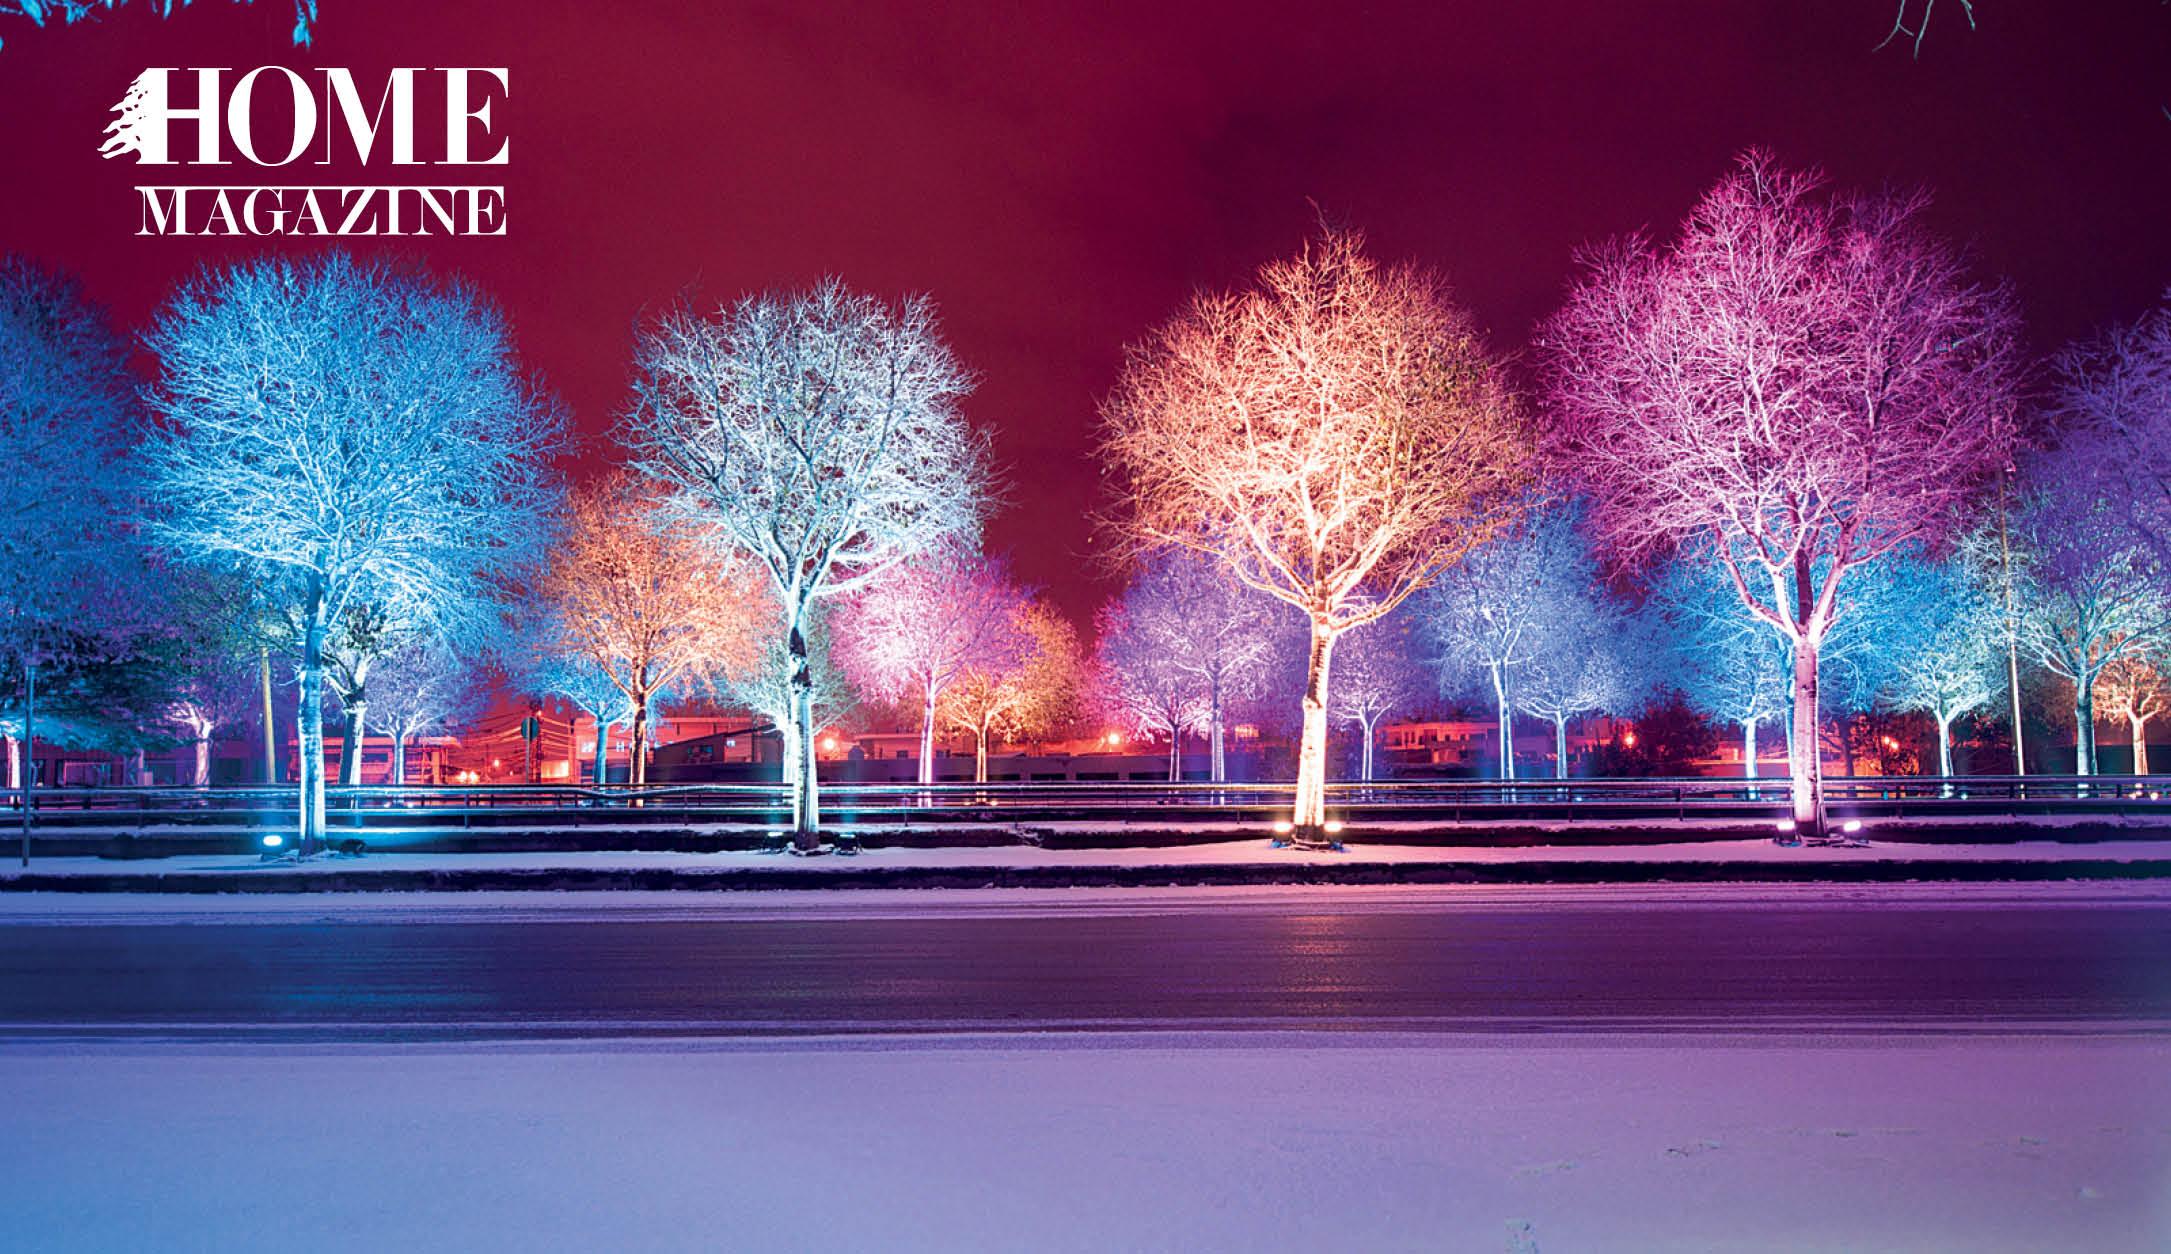 Lightened trees